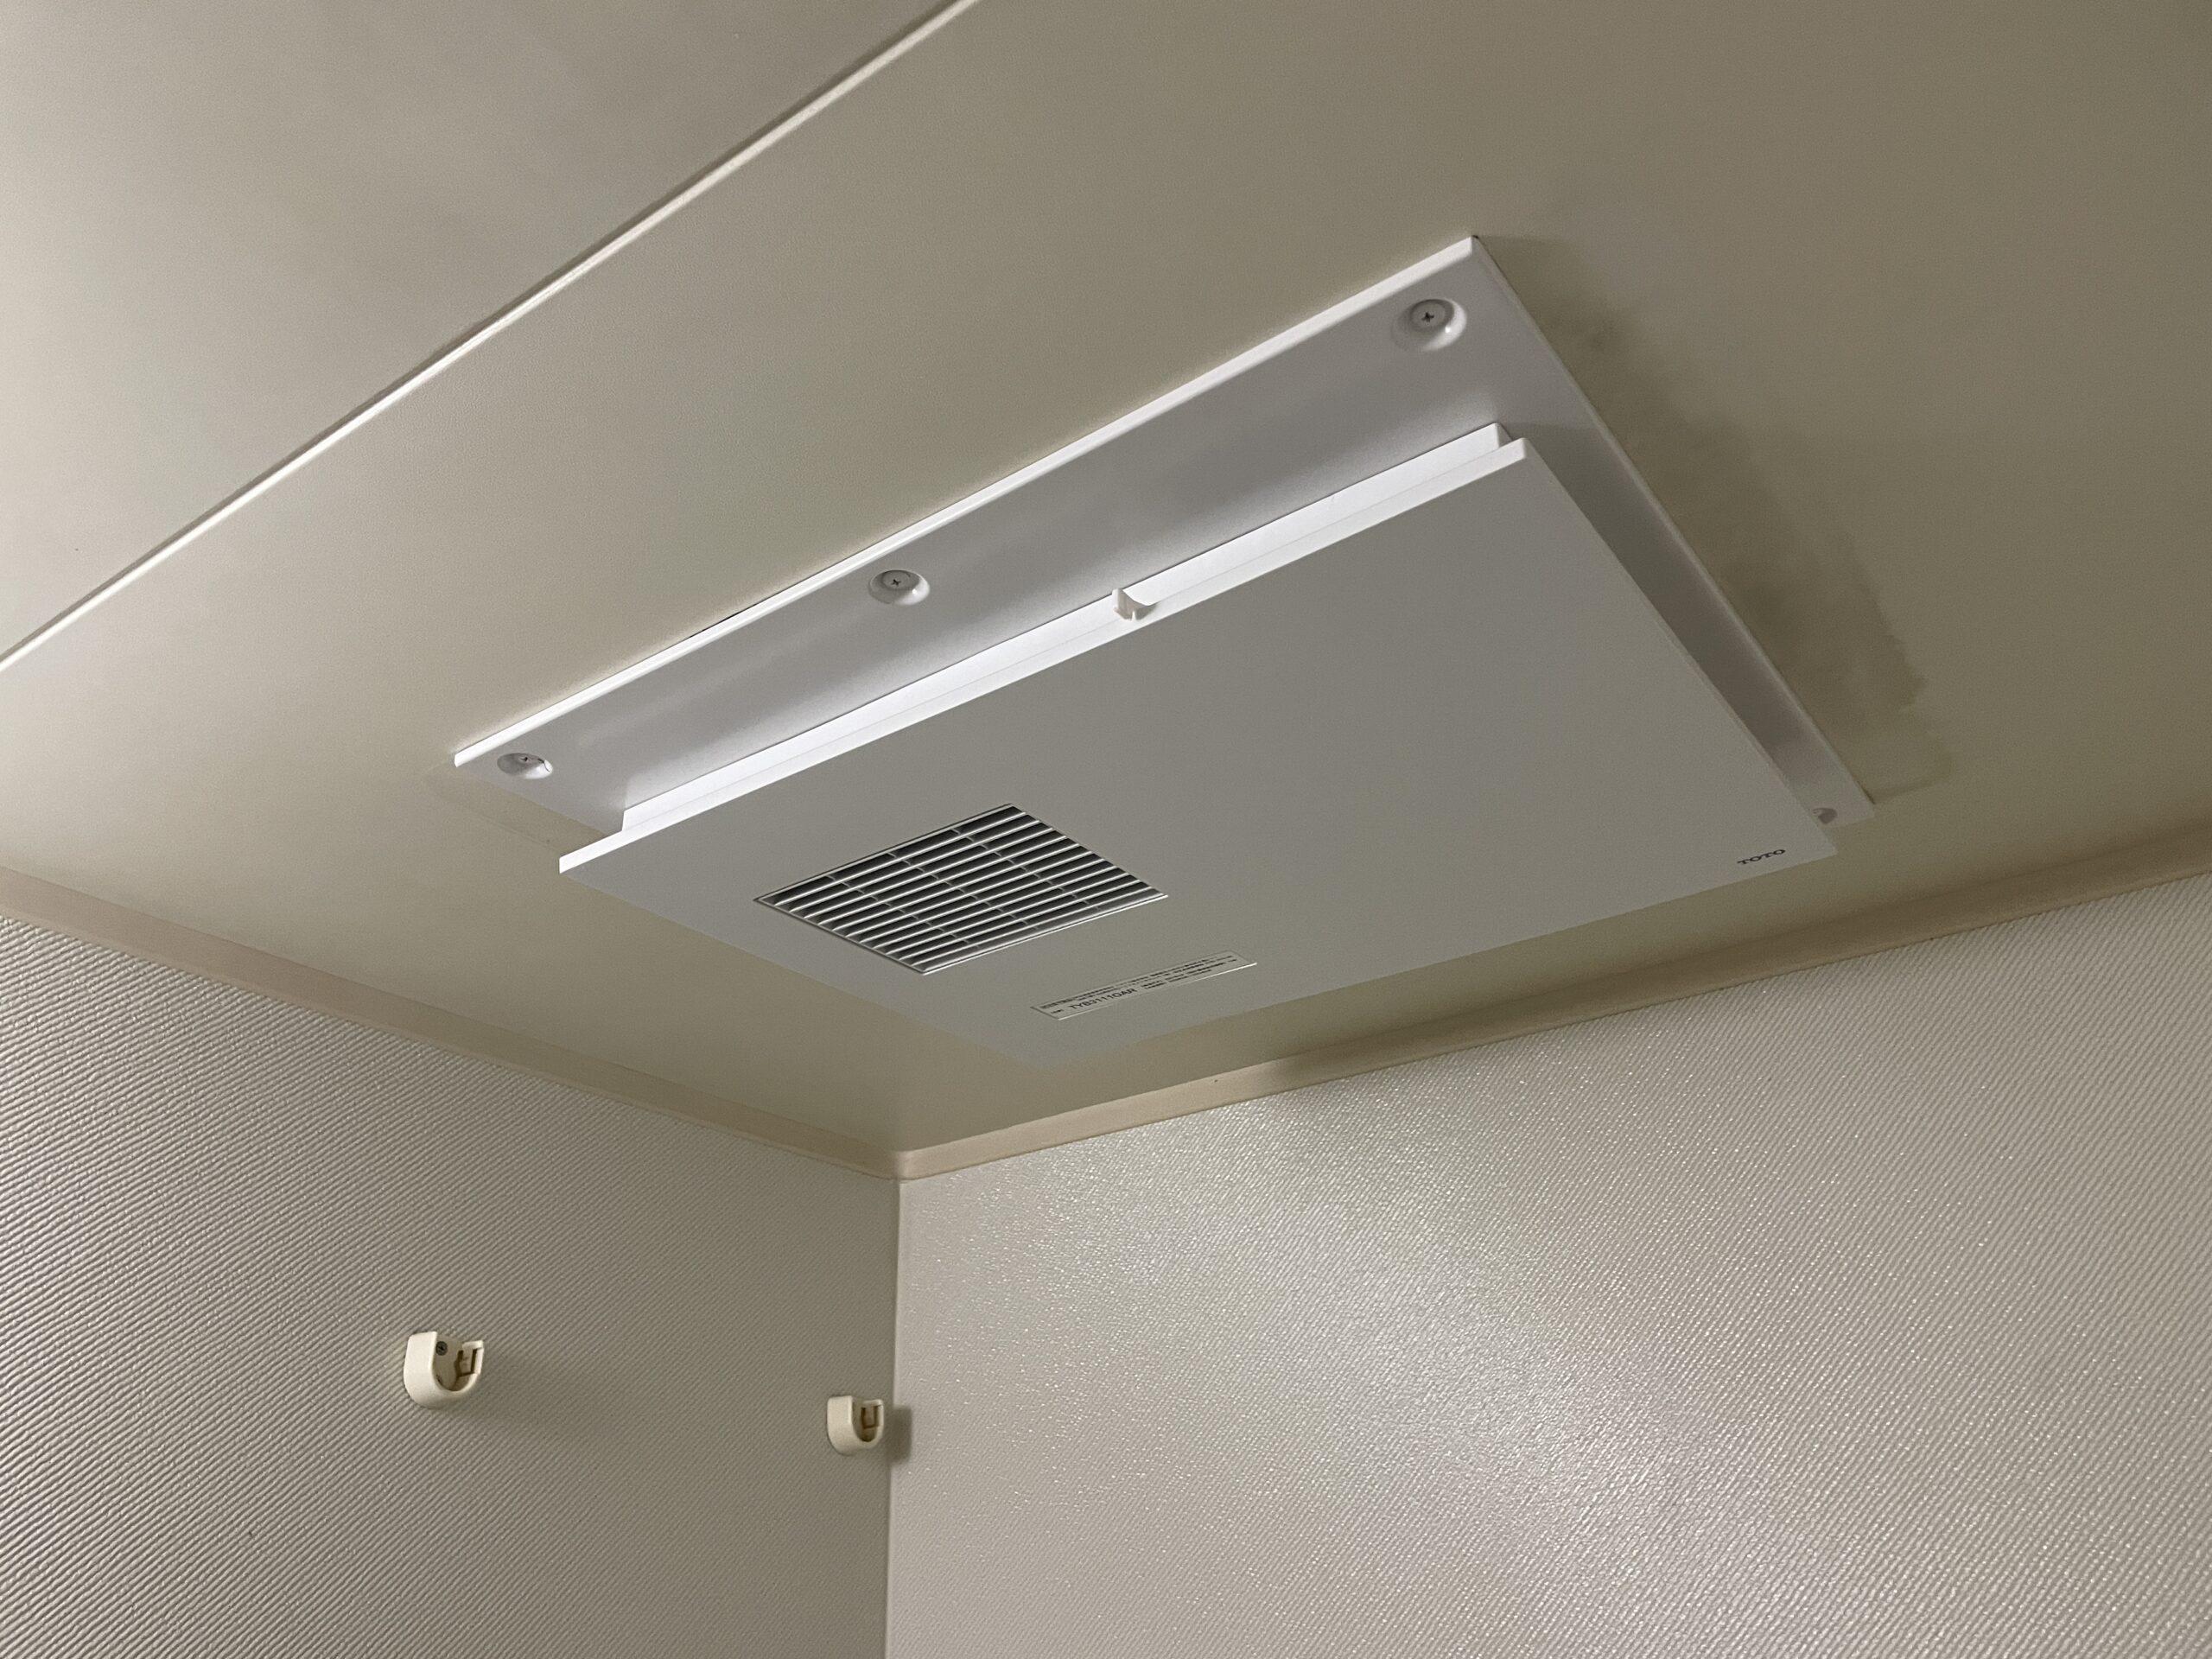 中央区 浴室暖房乾燥機 施工後①